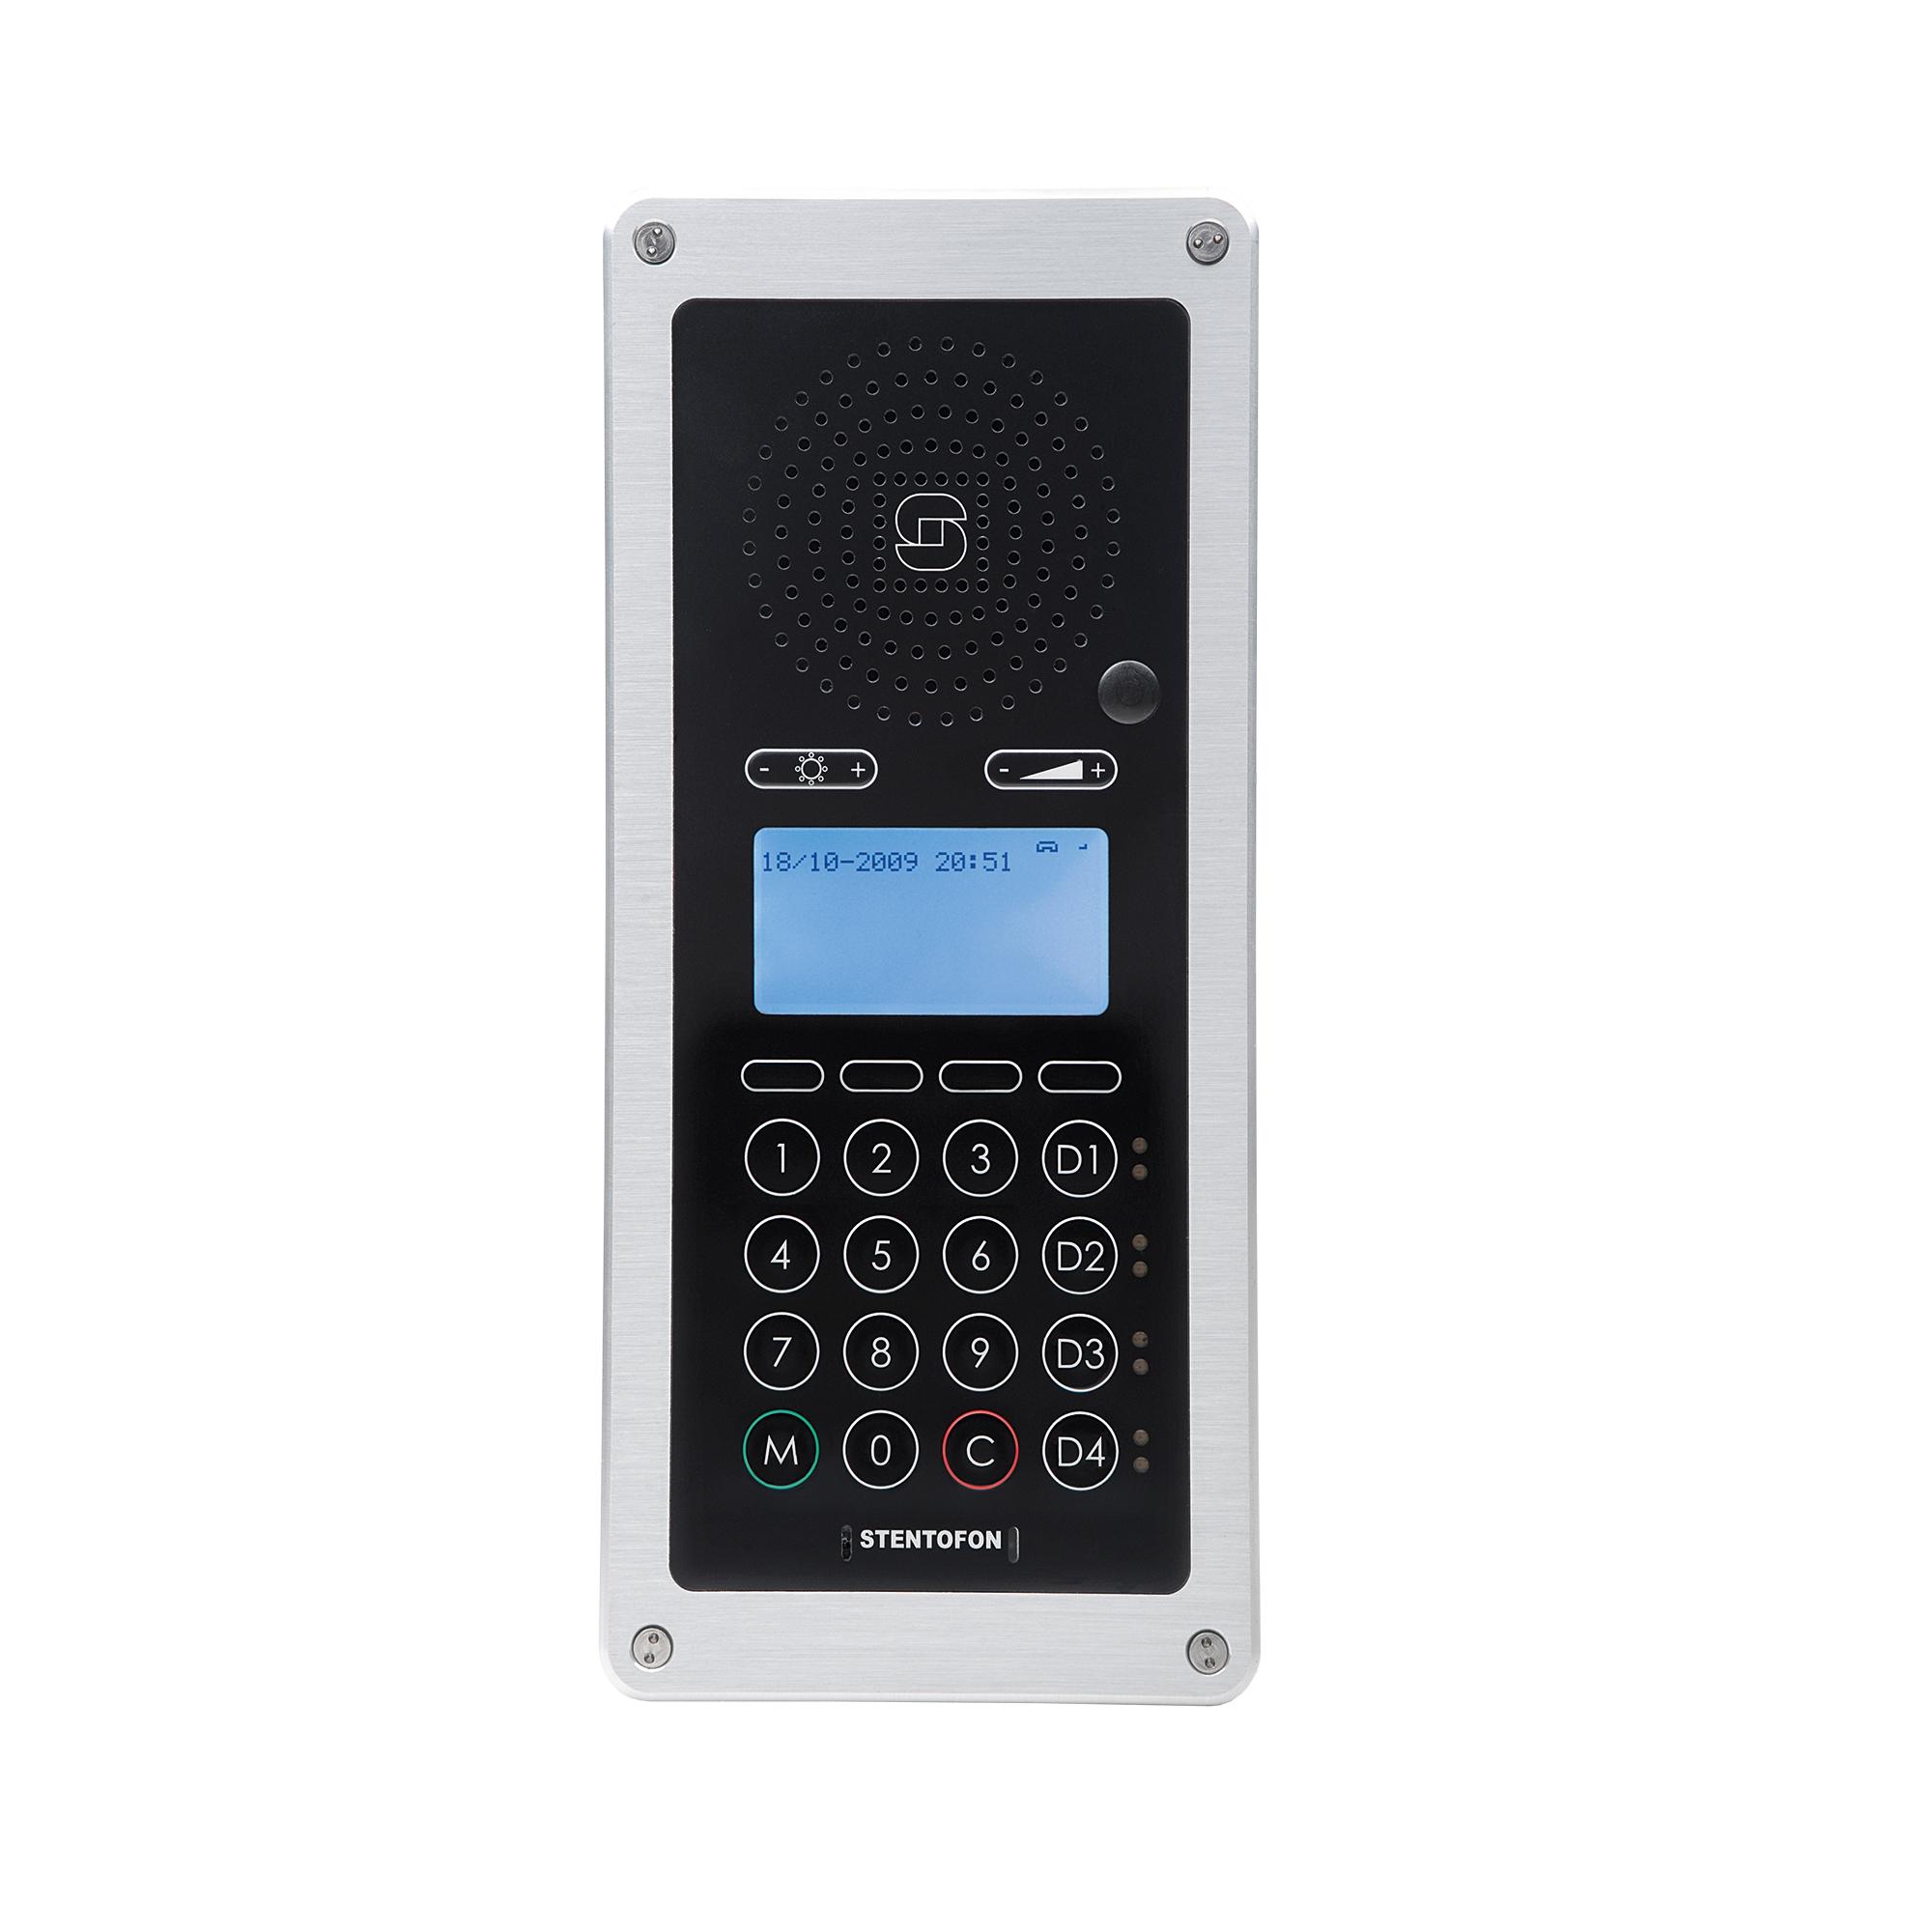 crm v sip and ip control room intercom rh zenitel com Stentofon Turbine Stentofon Pulse